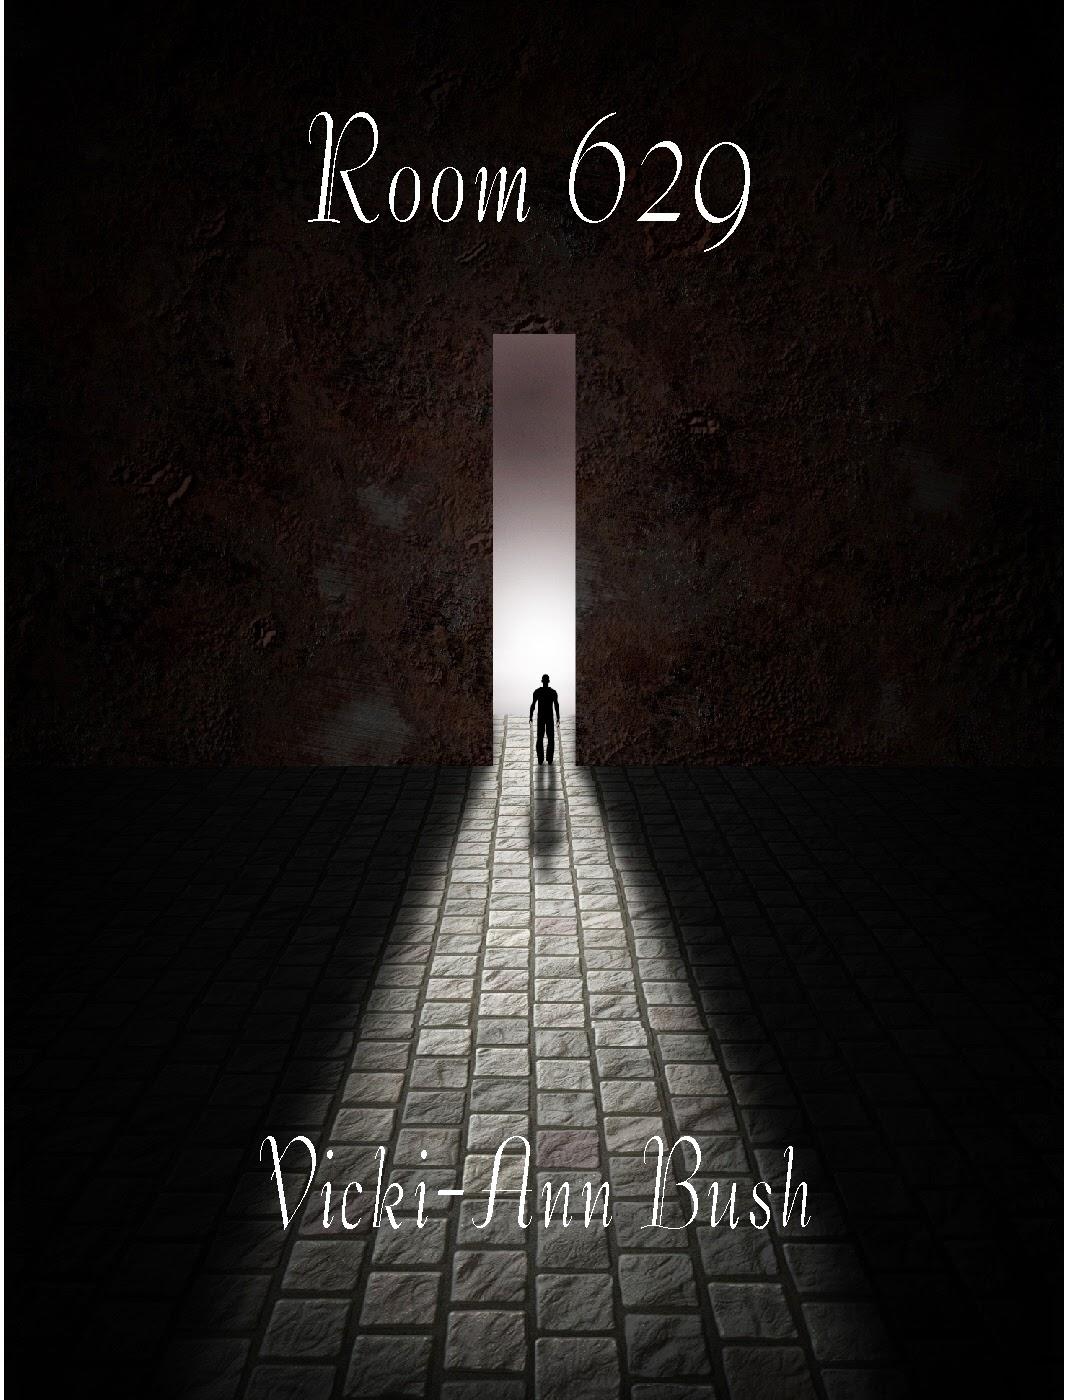 Room 629